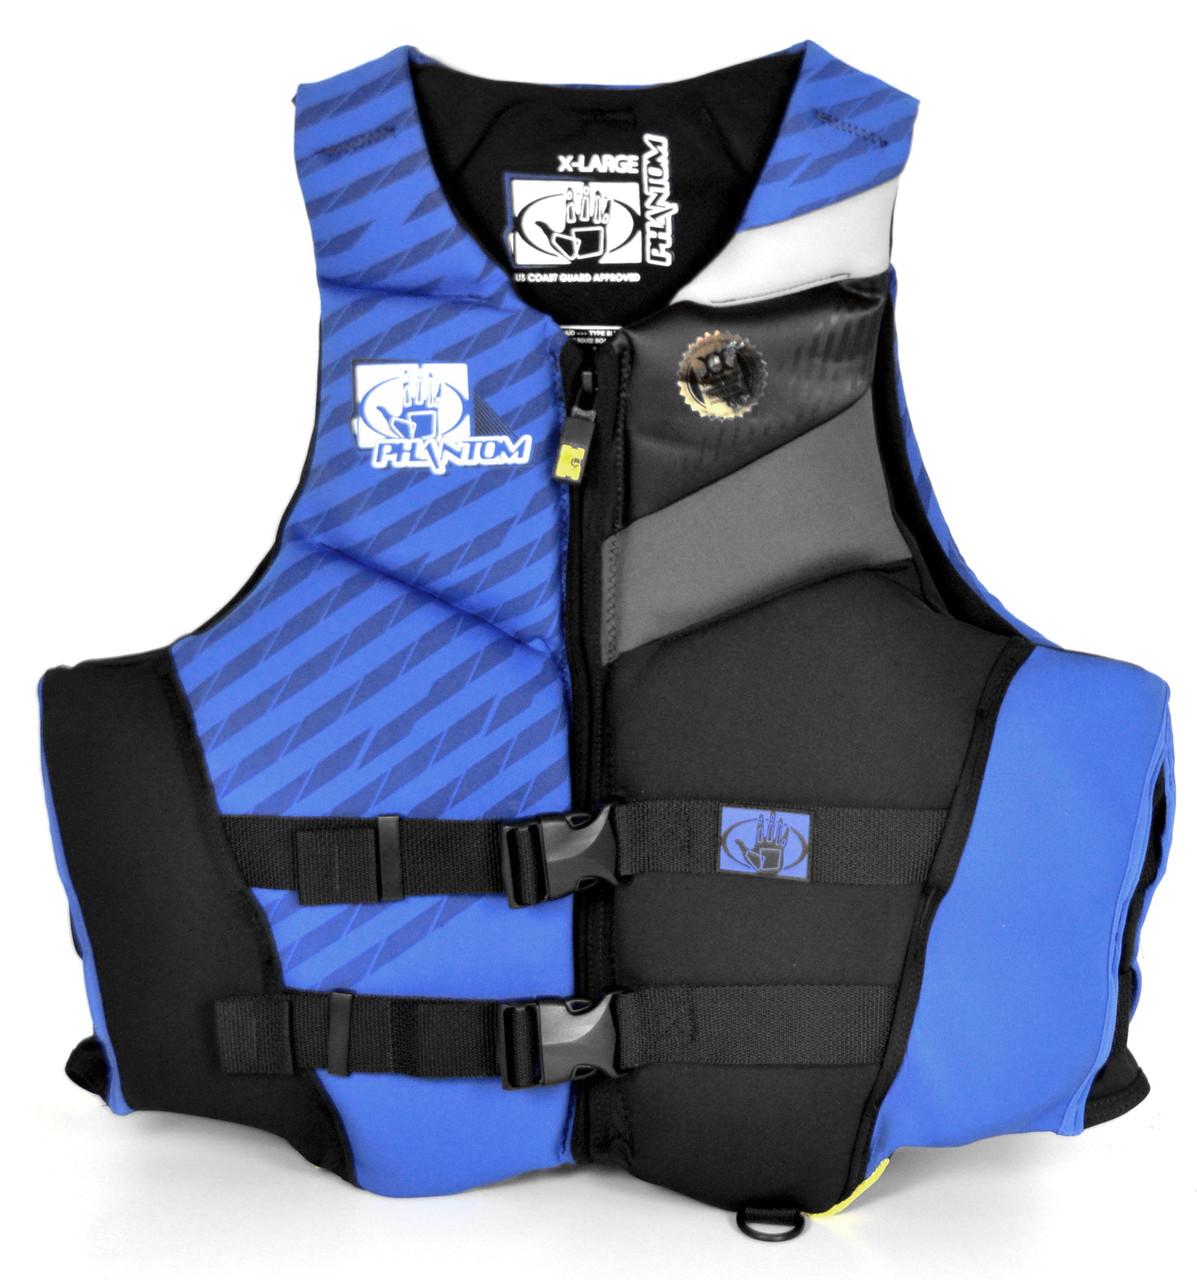 Спасательный жилет водный BodyGlove XL неопрен 12224-0003 для лодки, катера, яхты